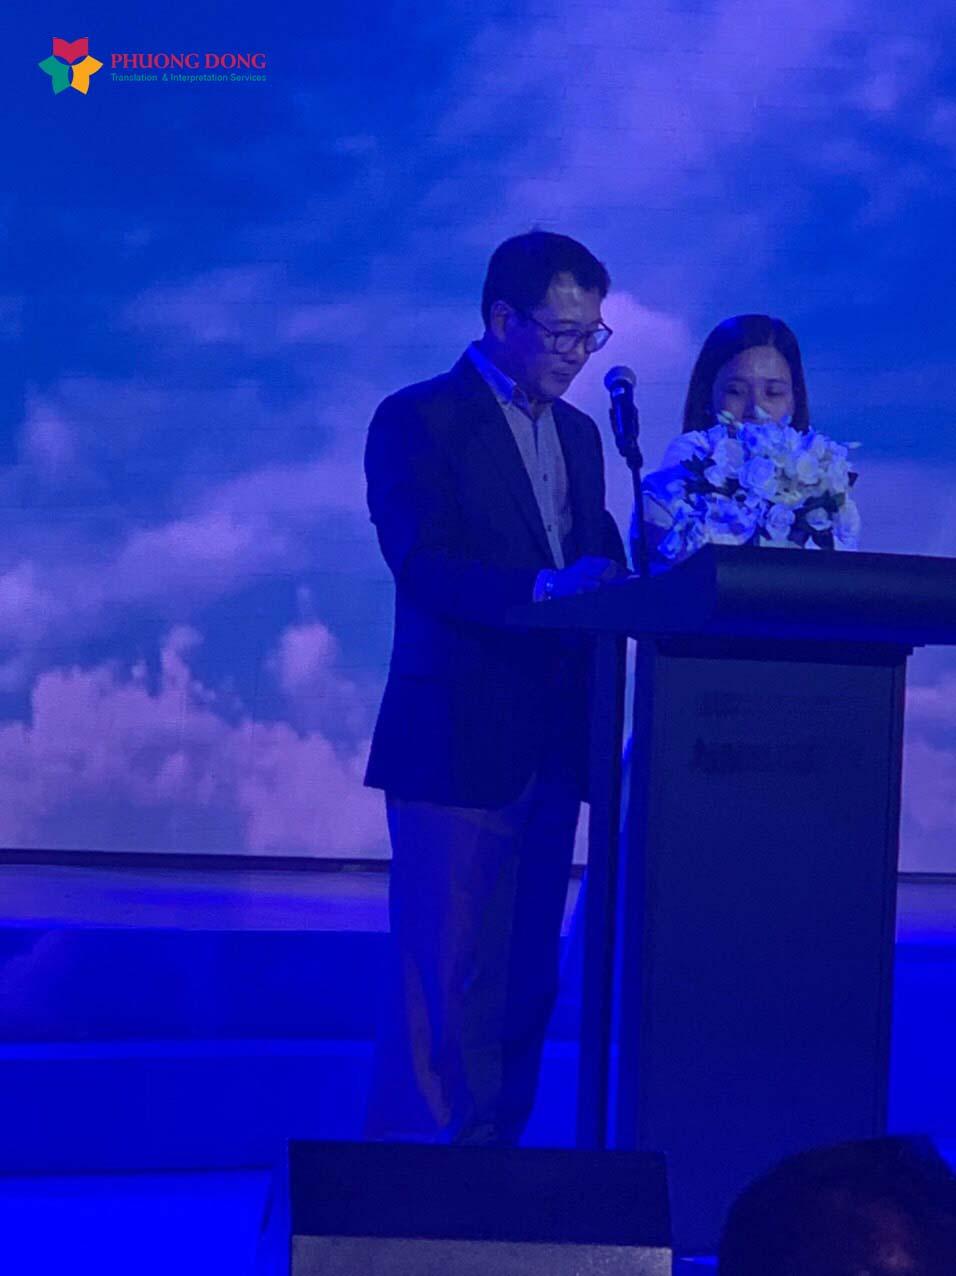 Dự án phiên dịch hội thảo ra mắt sản phẩm mỹ phẩm Ji Hye với hình thức phiên dịch nối tiếp do Phương Đông thực hiện